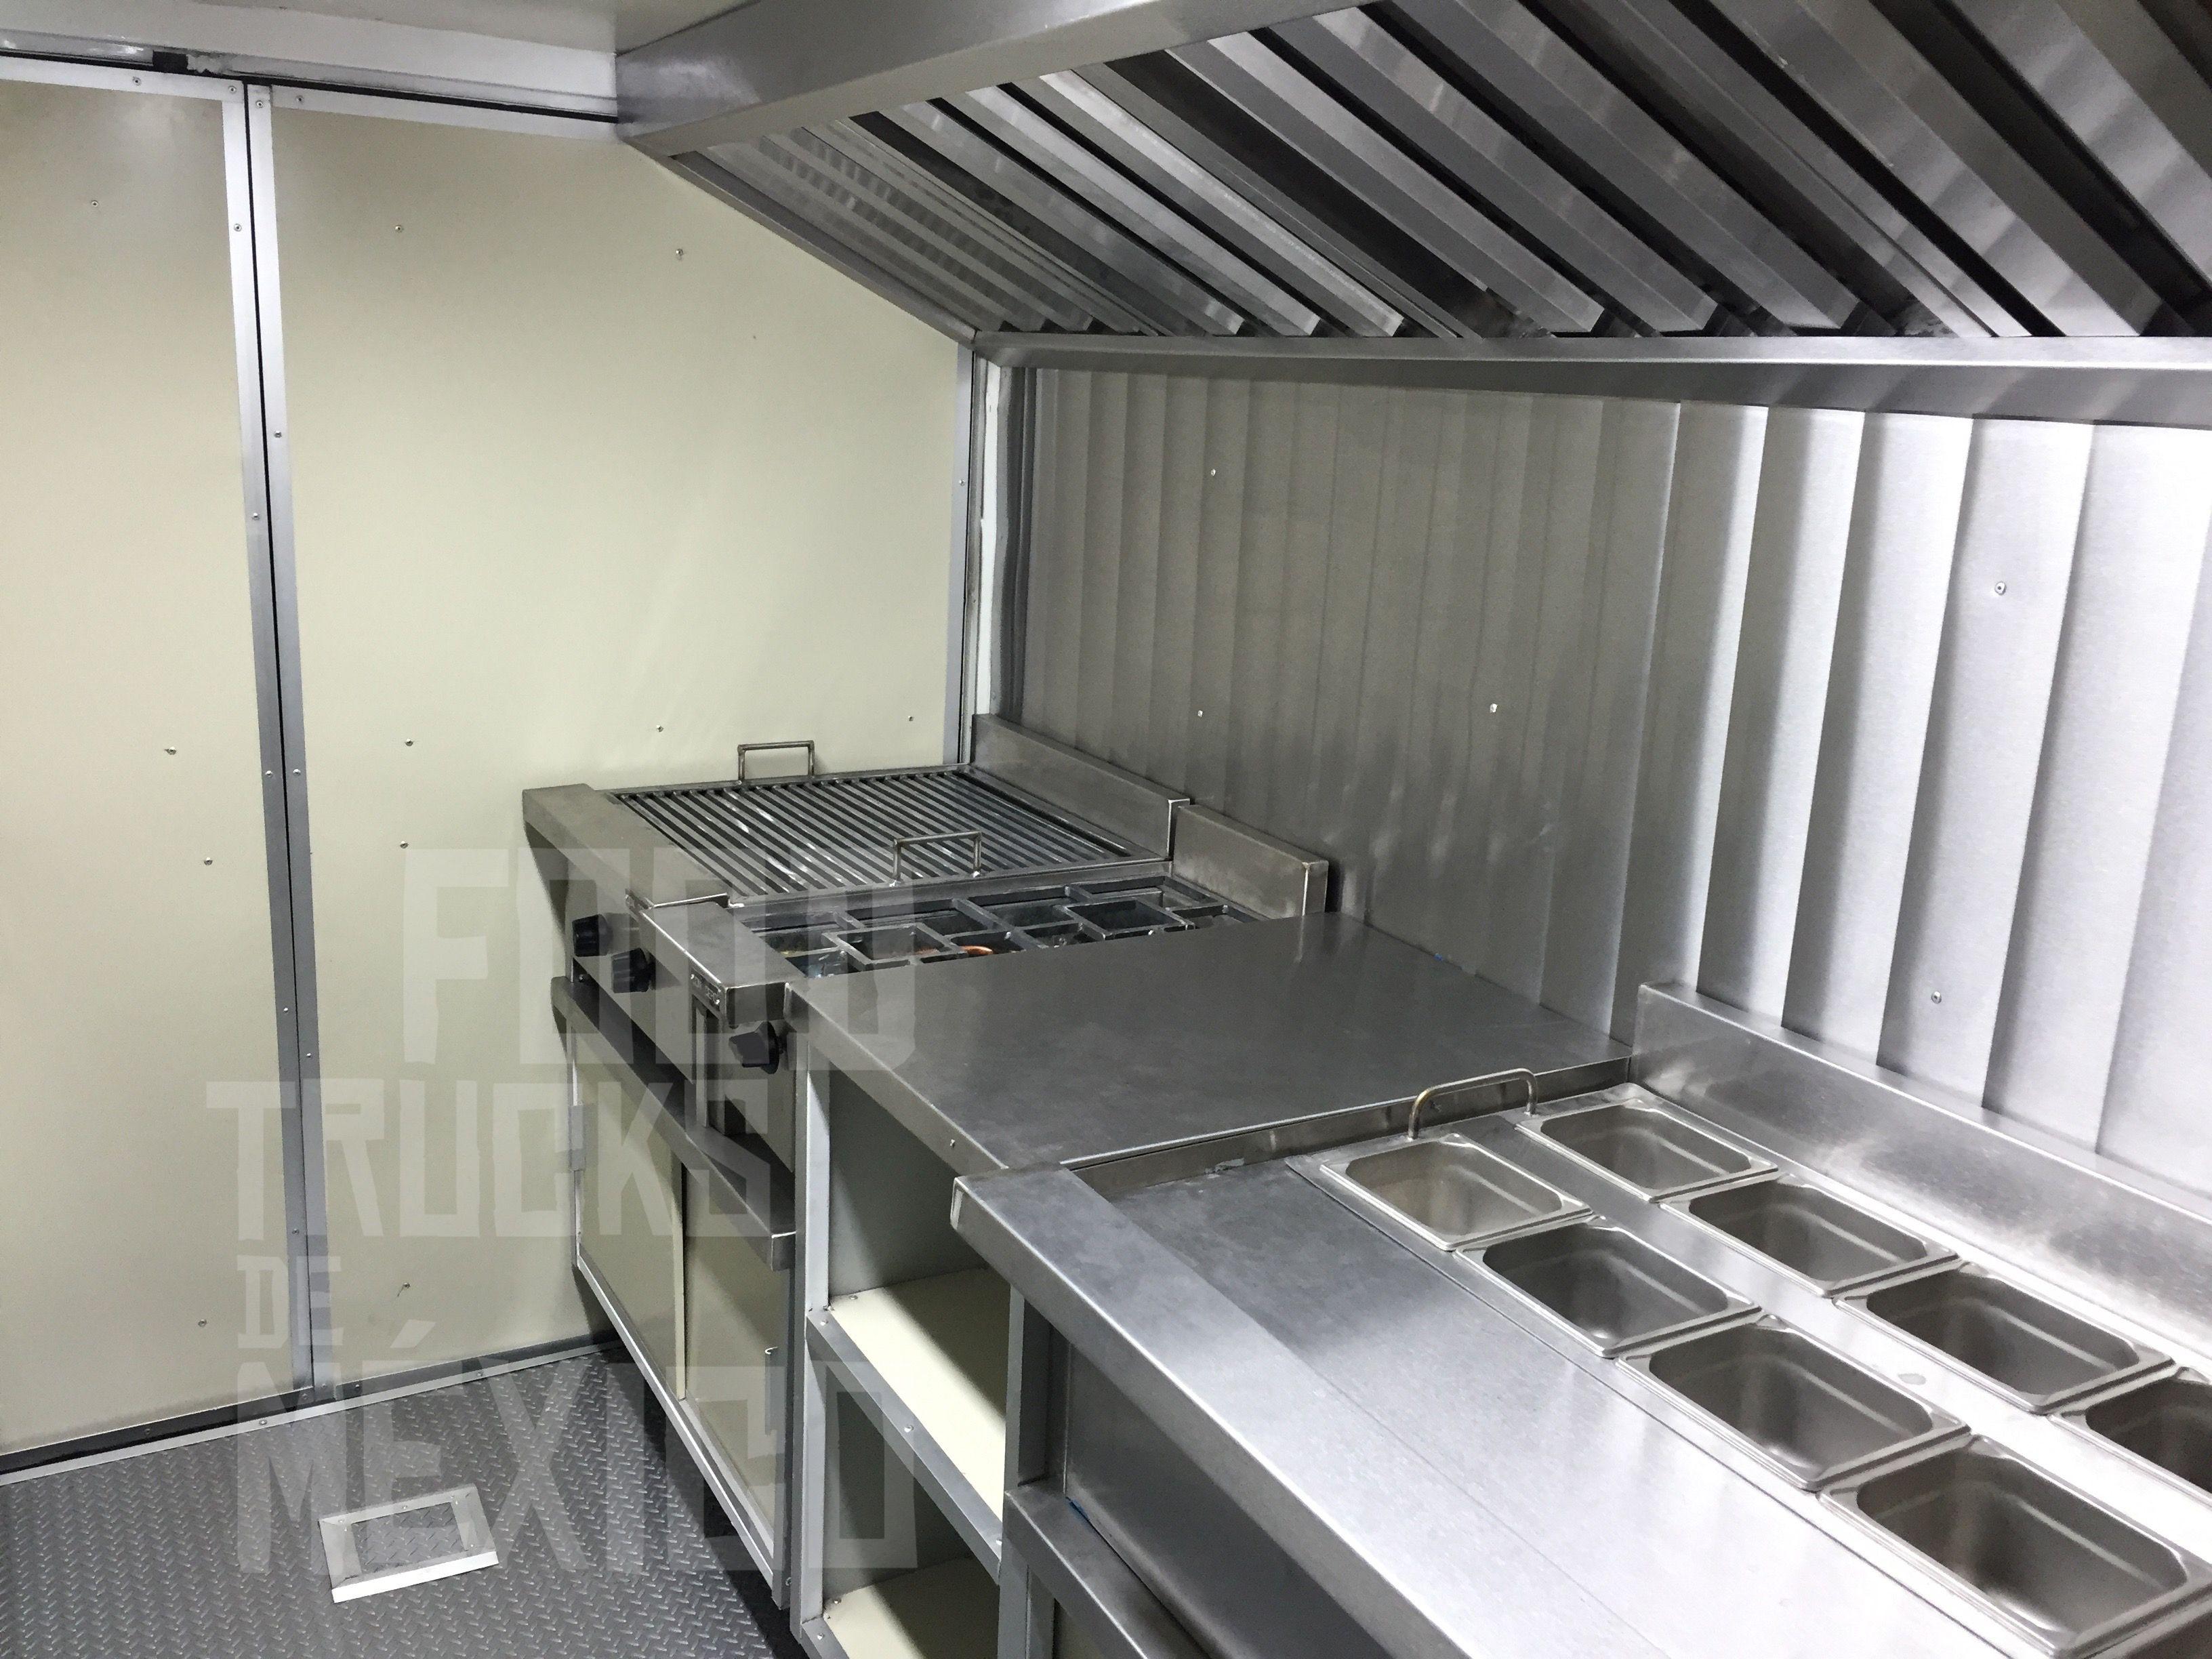 Vanette Modelo ´99 con conversión a cocina. Equipo de cocción ...